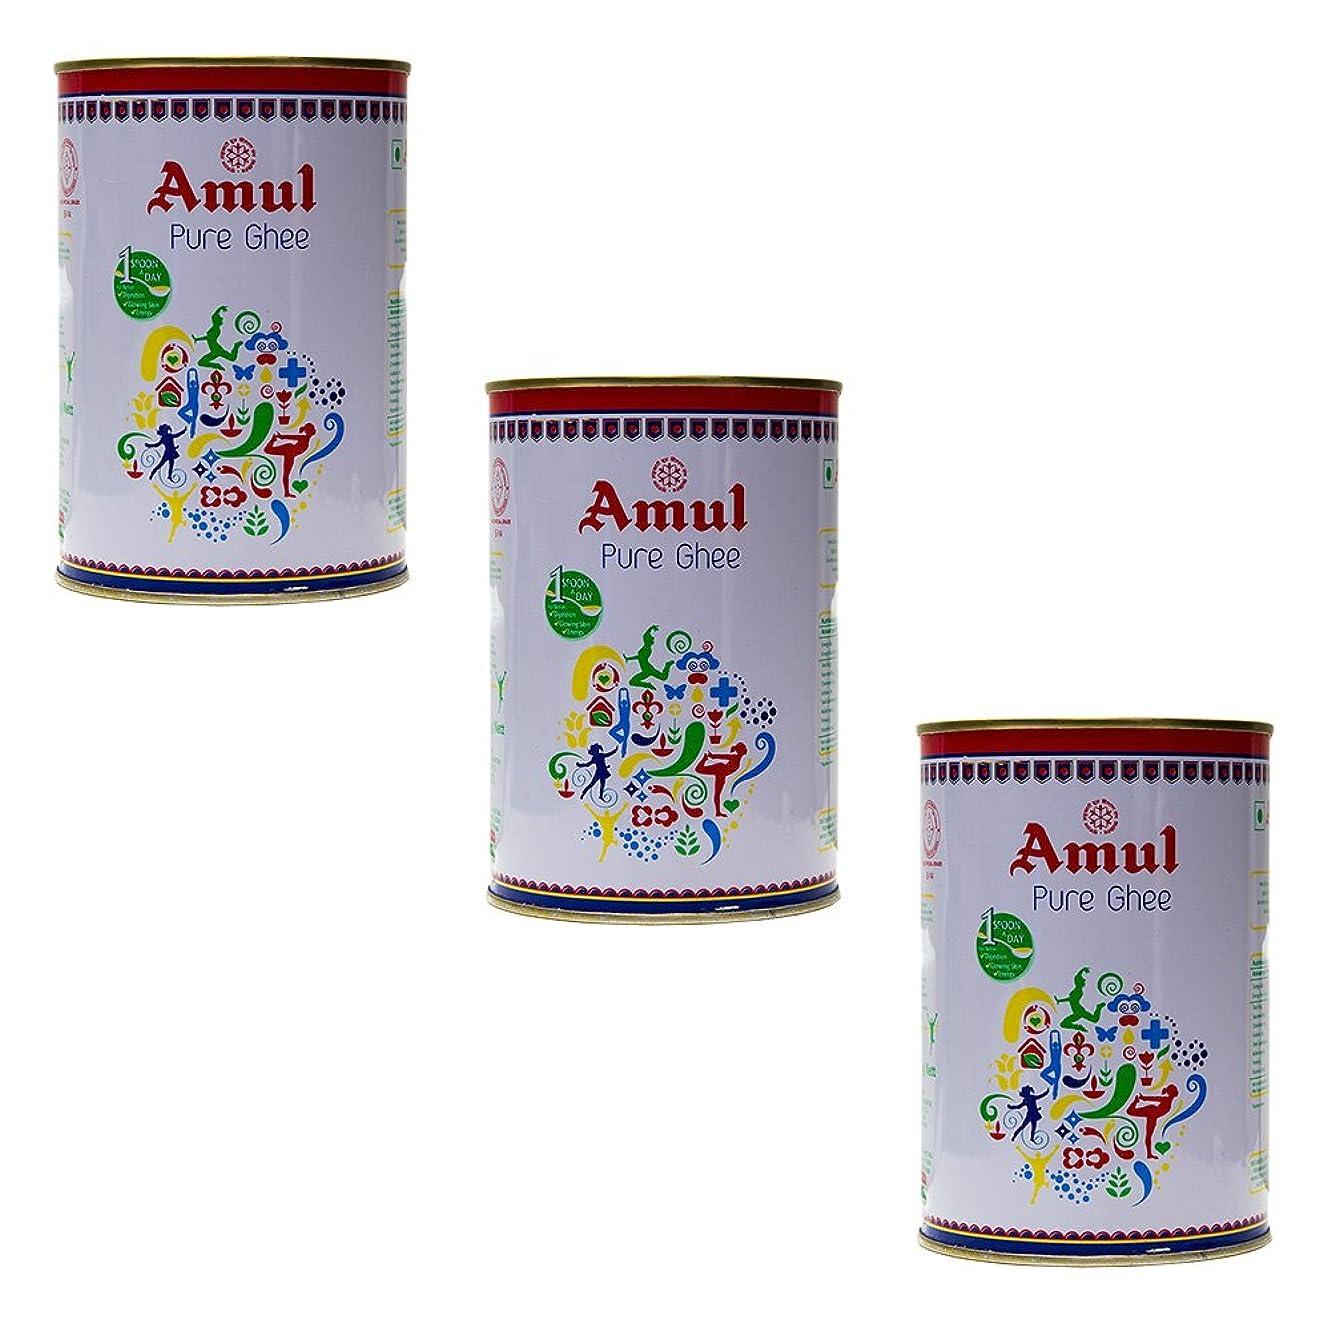 主にカトリック教徒ヶ月目アムール ピュア ギー(バターオイル)452g(500ml) Amul Pure Ghee (3本セット)